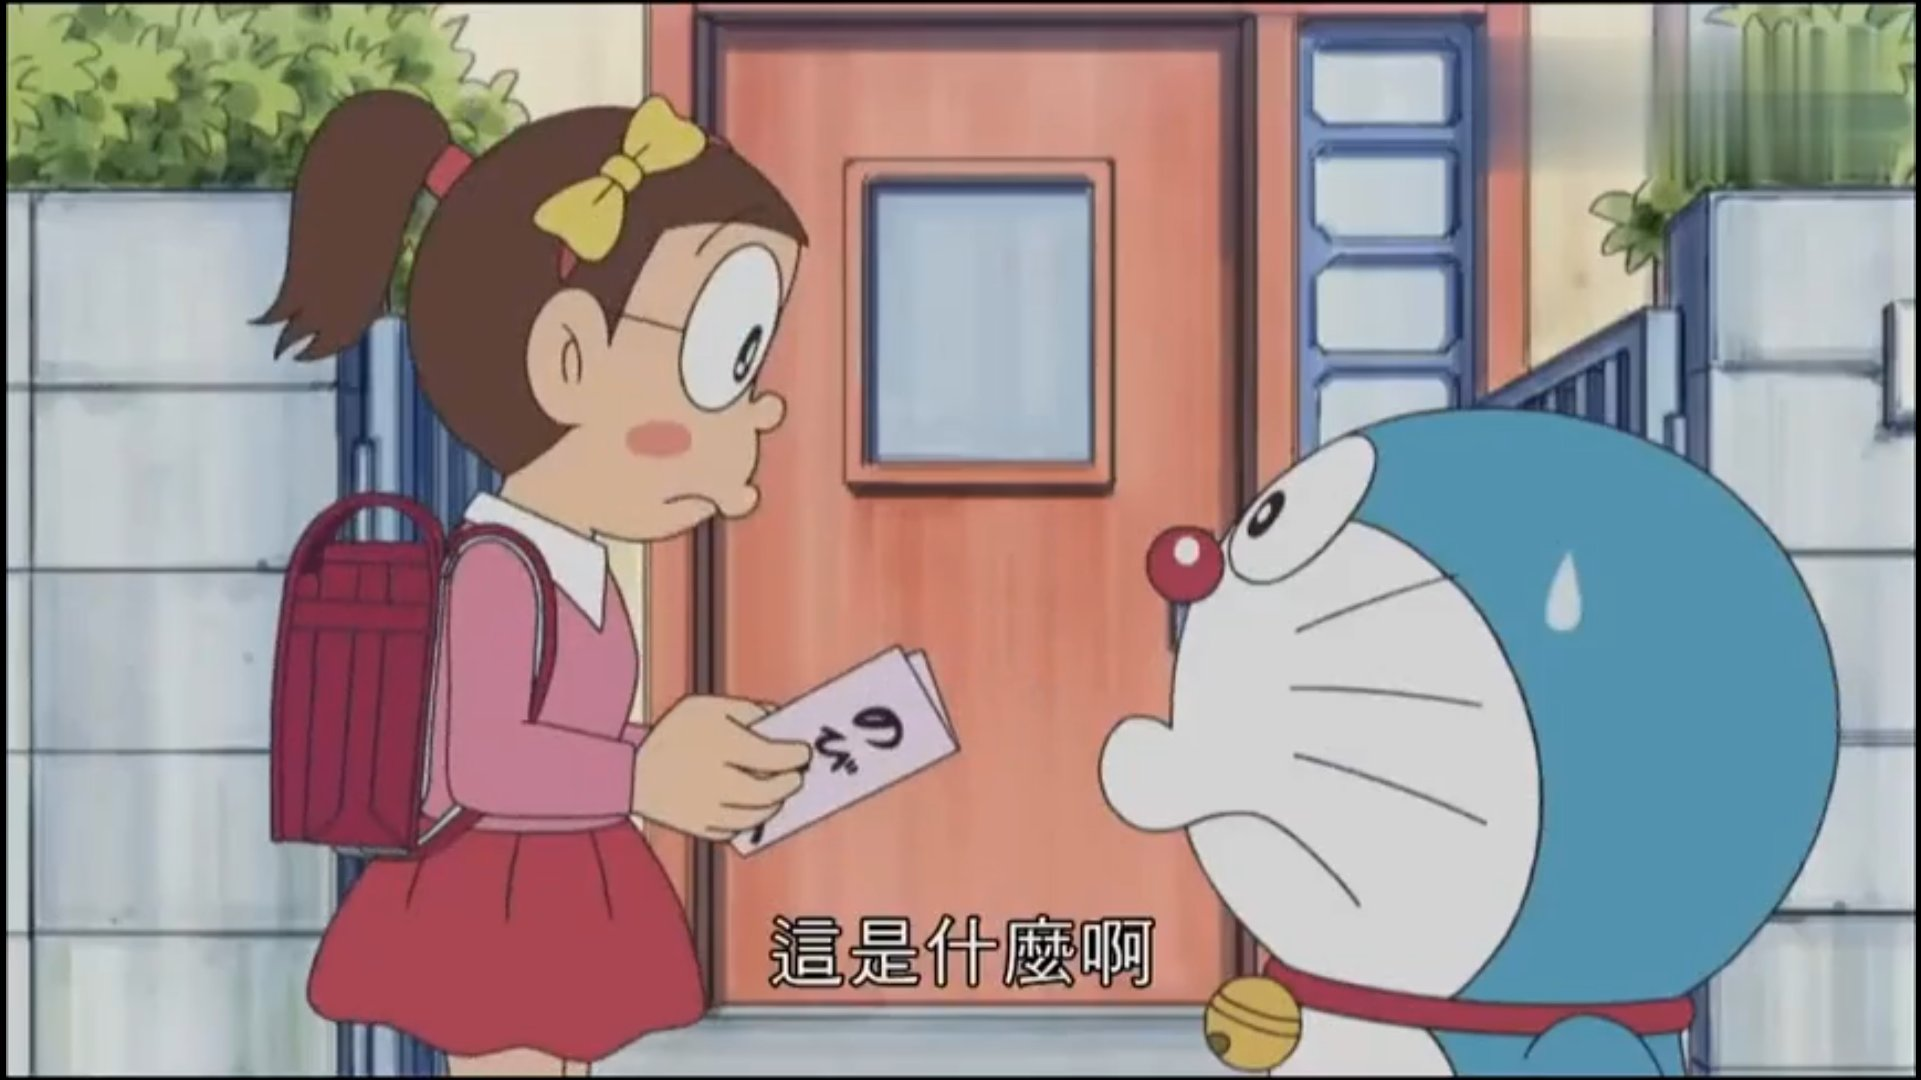 【视频】胖虎竟然喜欢上大雄,给他递上了情书,哆啦A梦都懵了